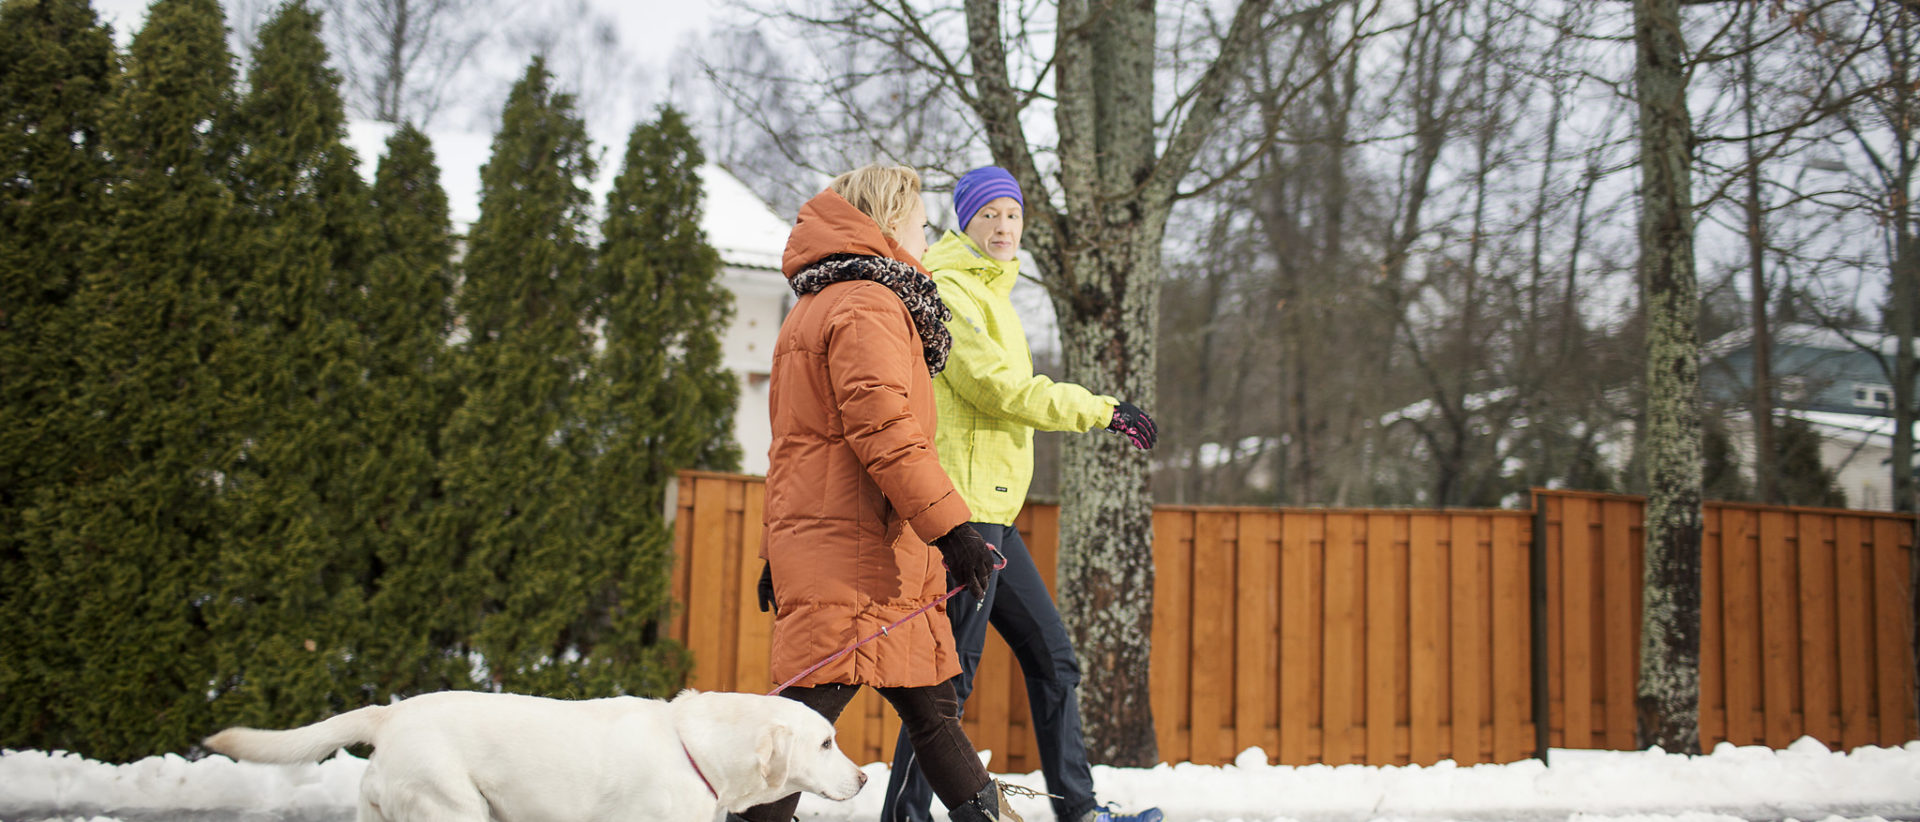 Kuvassa kaksi kävelijää ja koira liukkaalla tiellä.